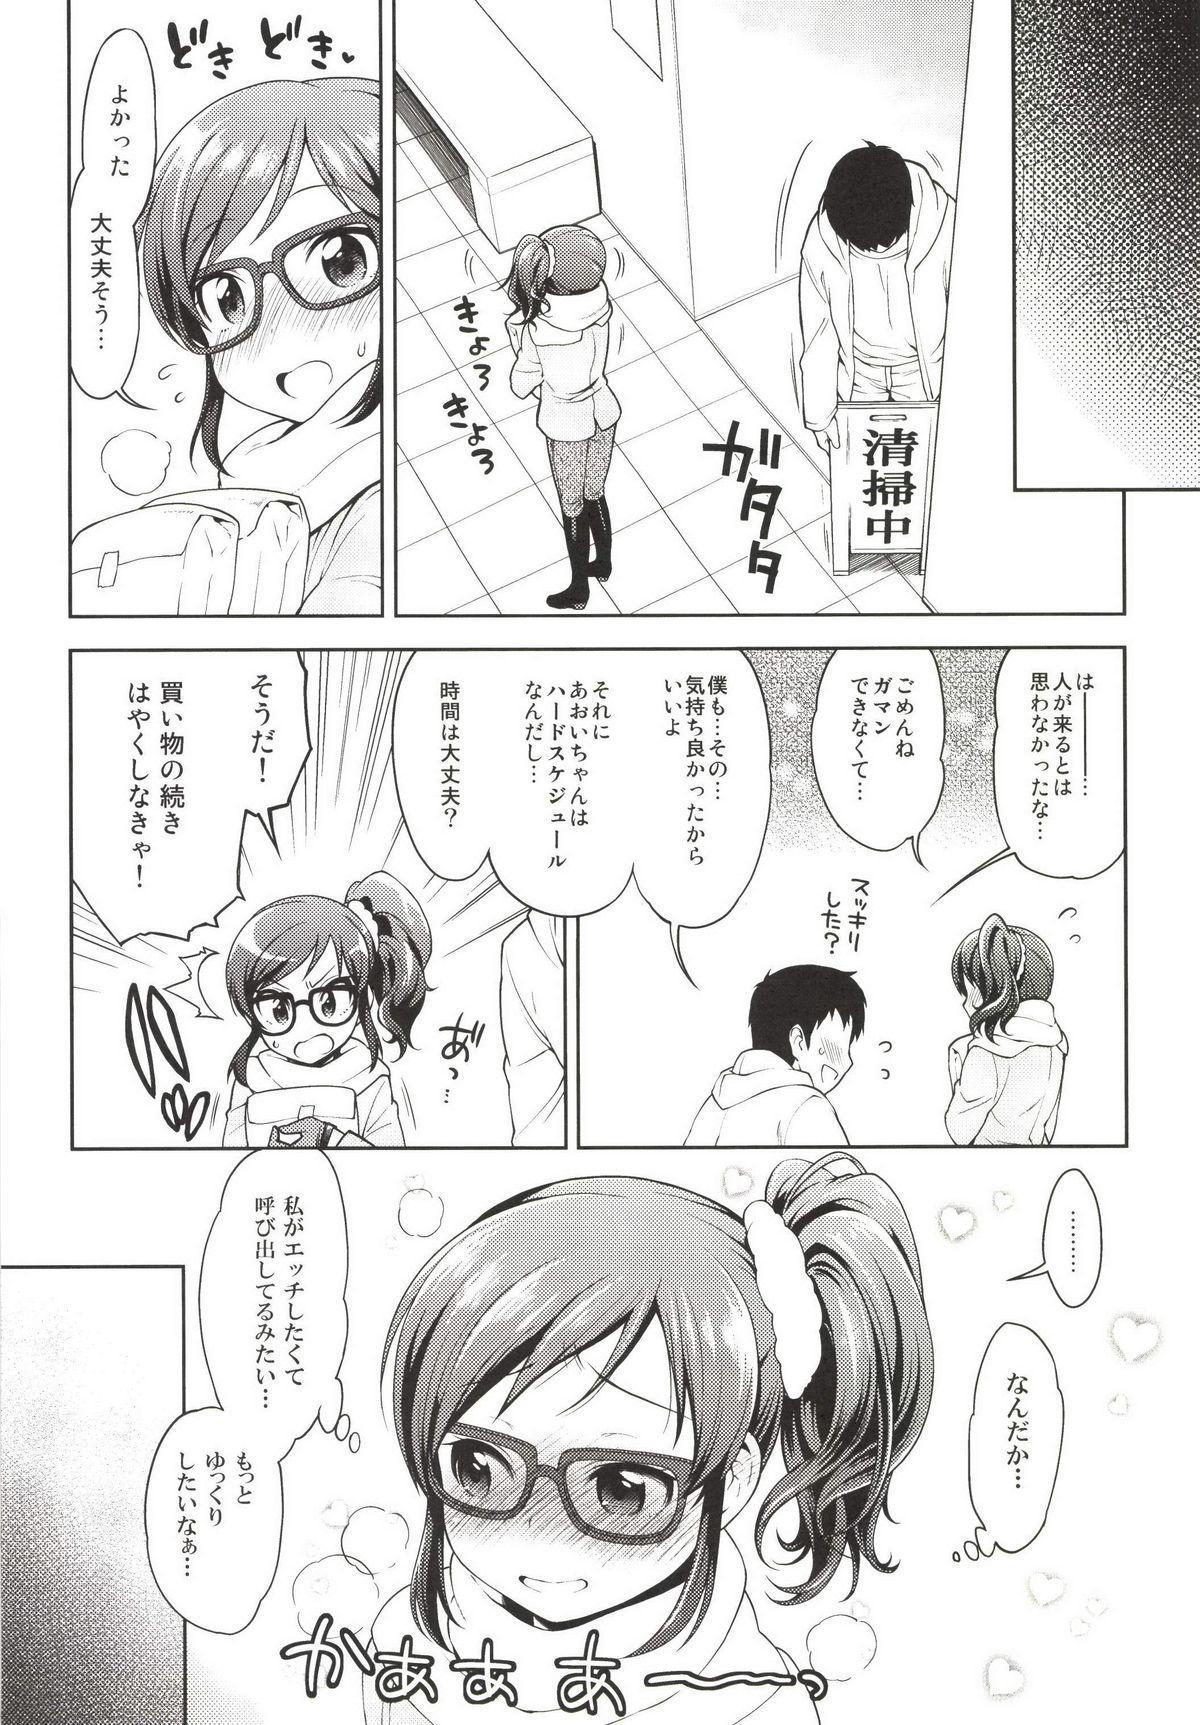 Aoi-chan to Love Love 9